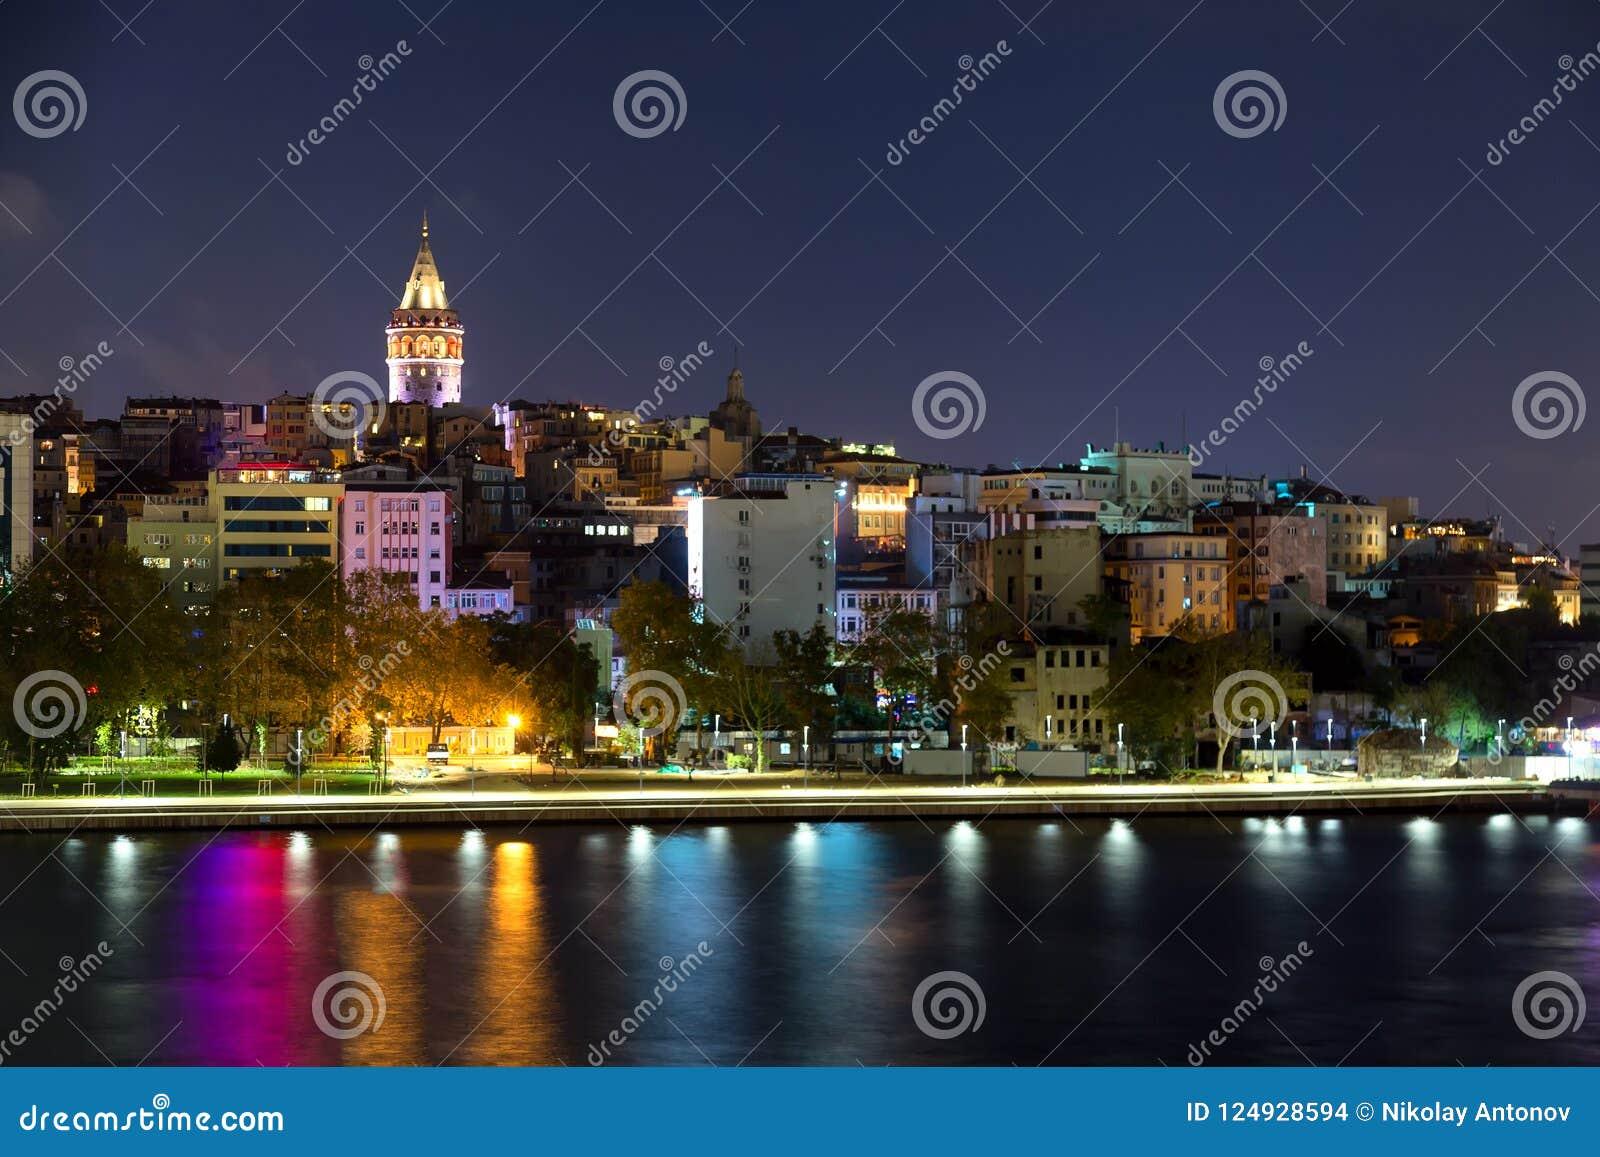 Distrito histórico de Beyoglu y señal medieval iluminada de la torre de Galata en Estambul en la noche, Turquía